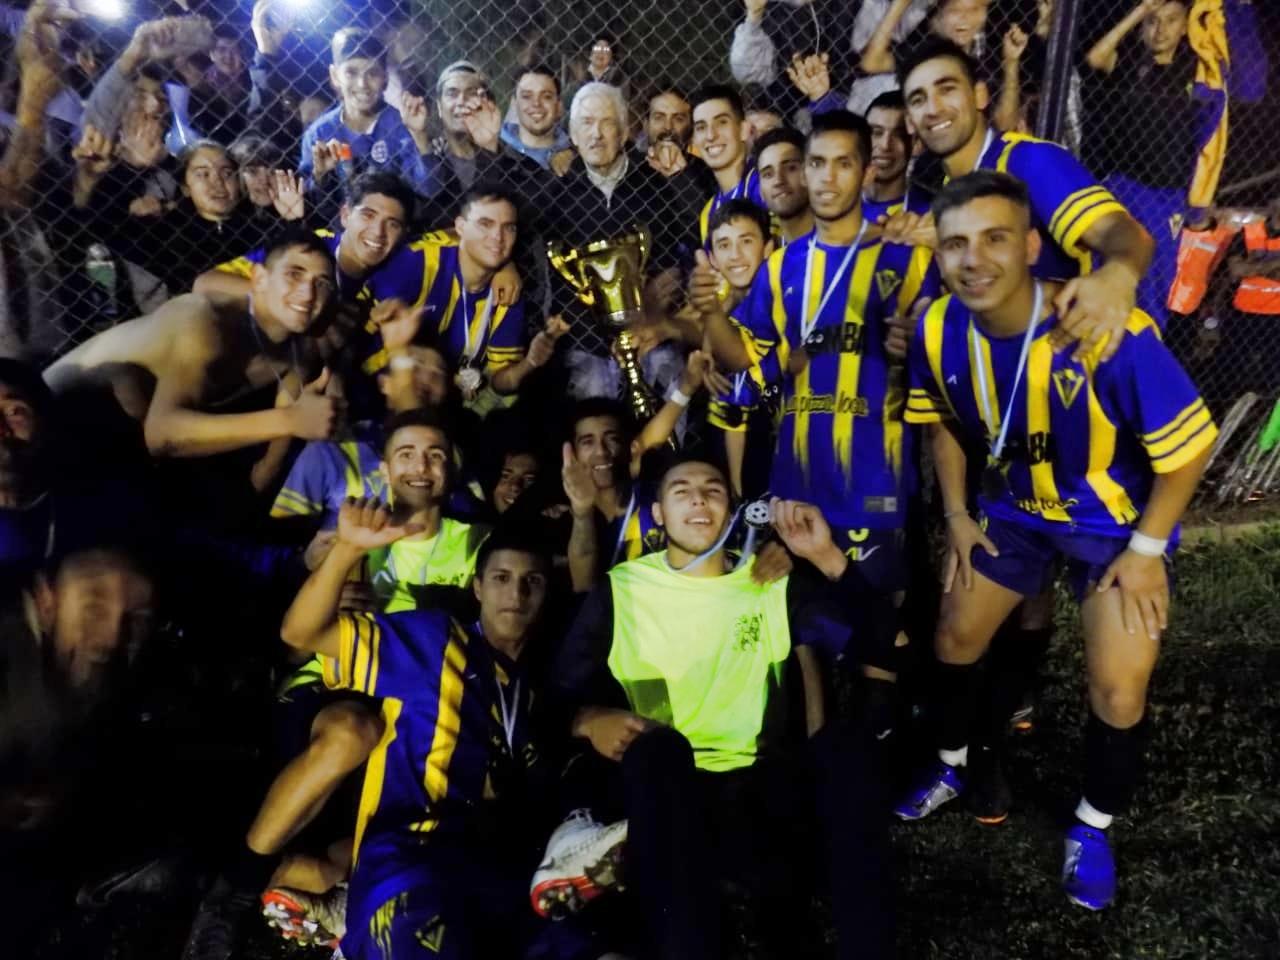 Resultado de imagen para 12 de Octubre de San Nicolas copa federacion